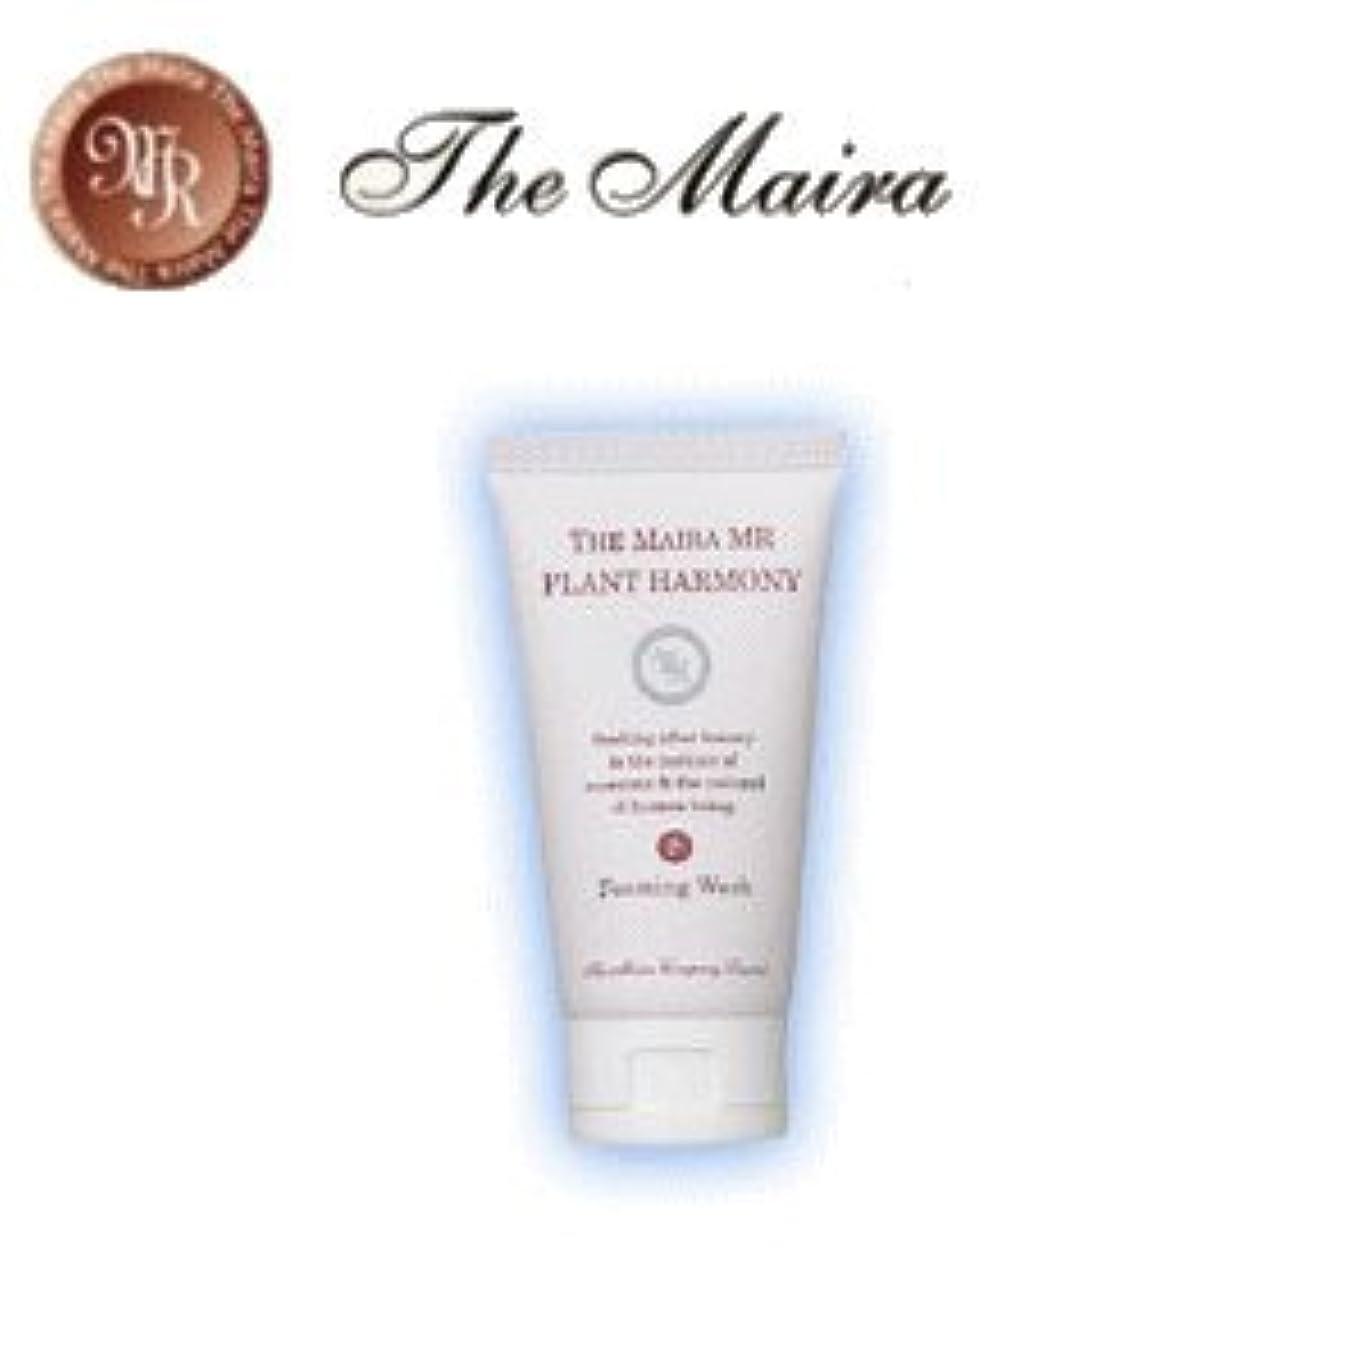 曇った袋麦芽The Maira(ザ マイラ) MRプランタハーモニーフォーミングウォッシュ85g 美容 洗顔フェイシャル